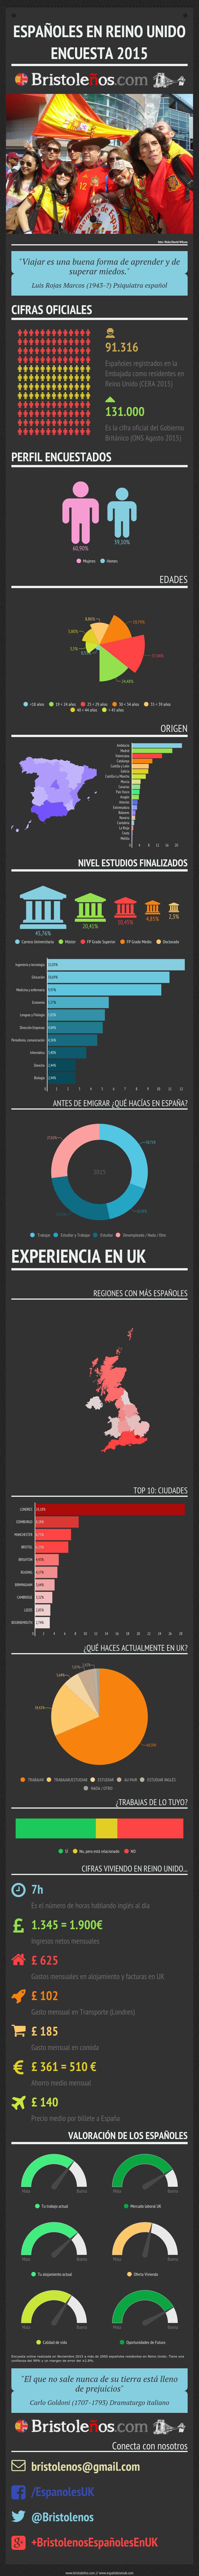 Infografía Encuesta Españoles en UK 2015